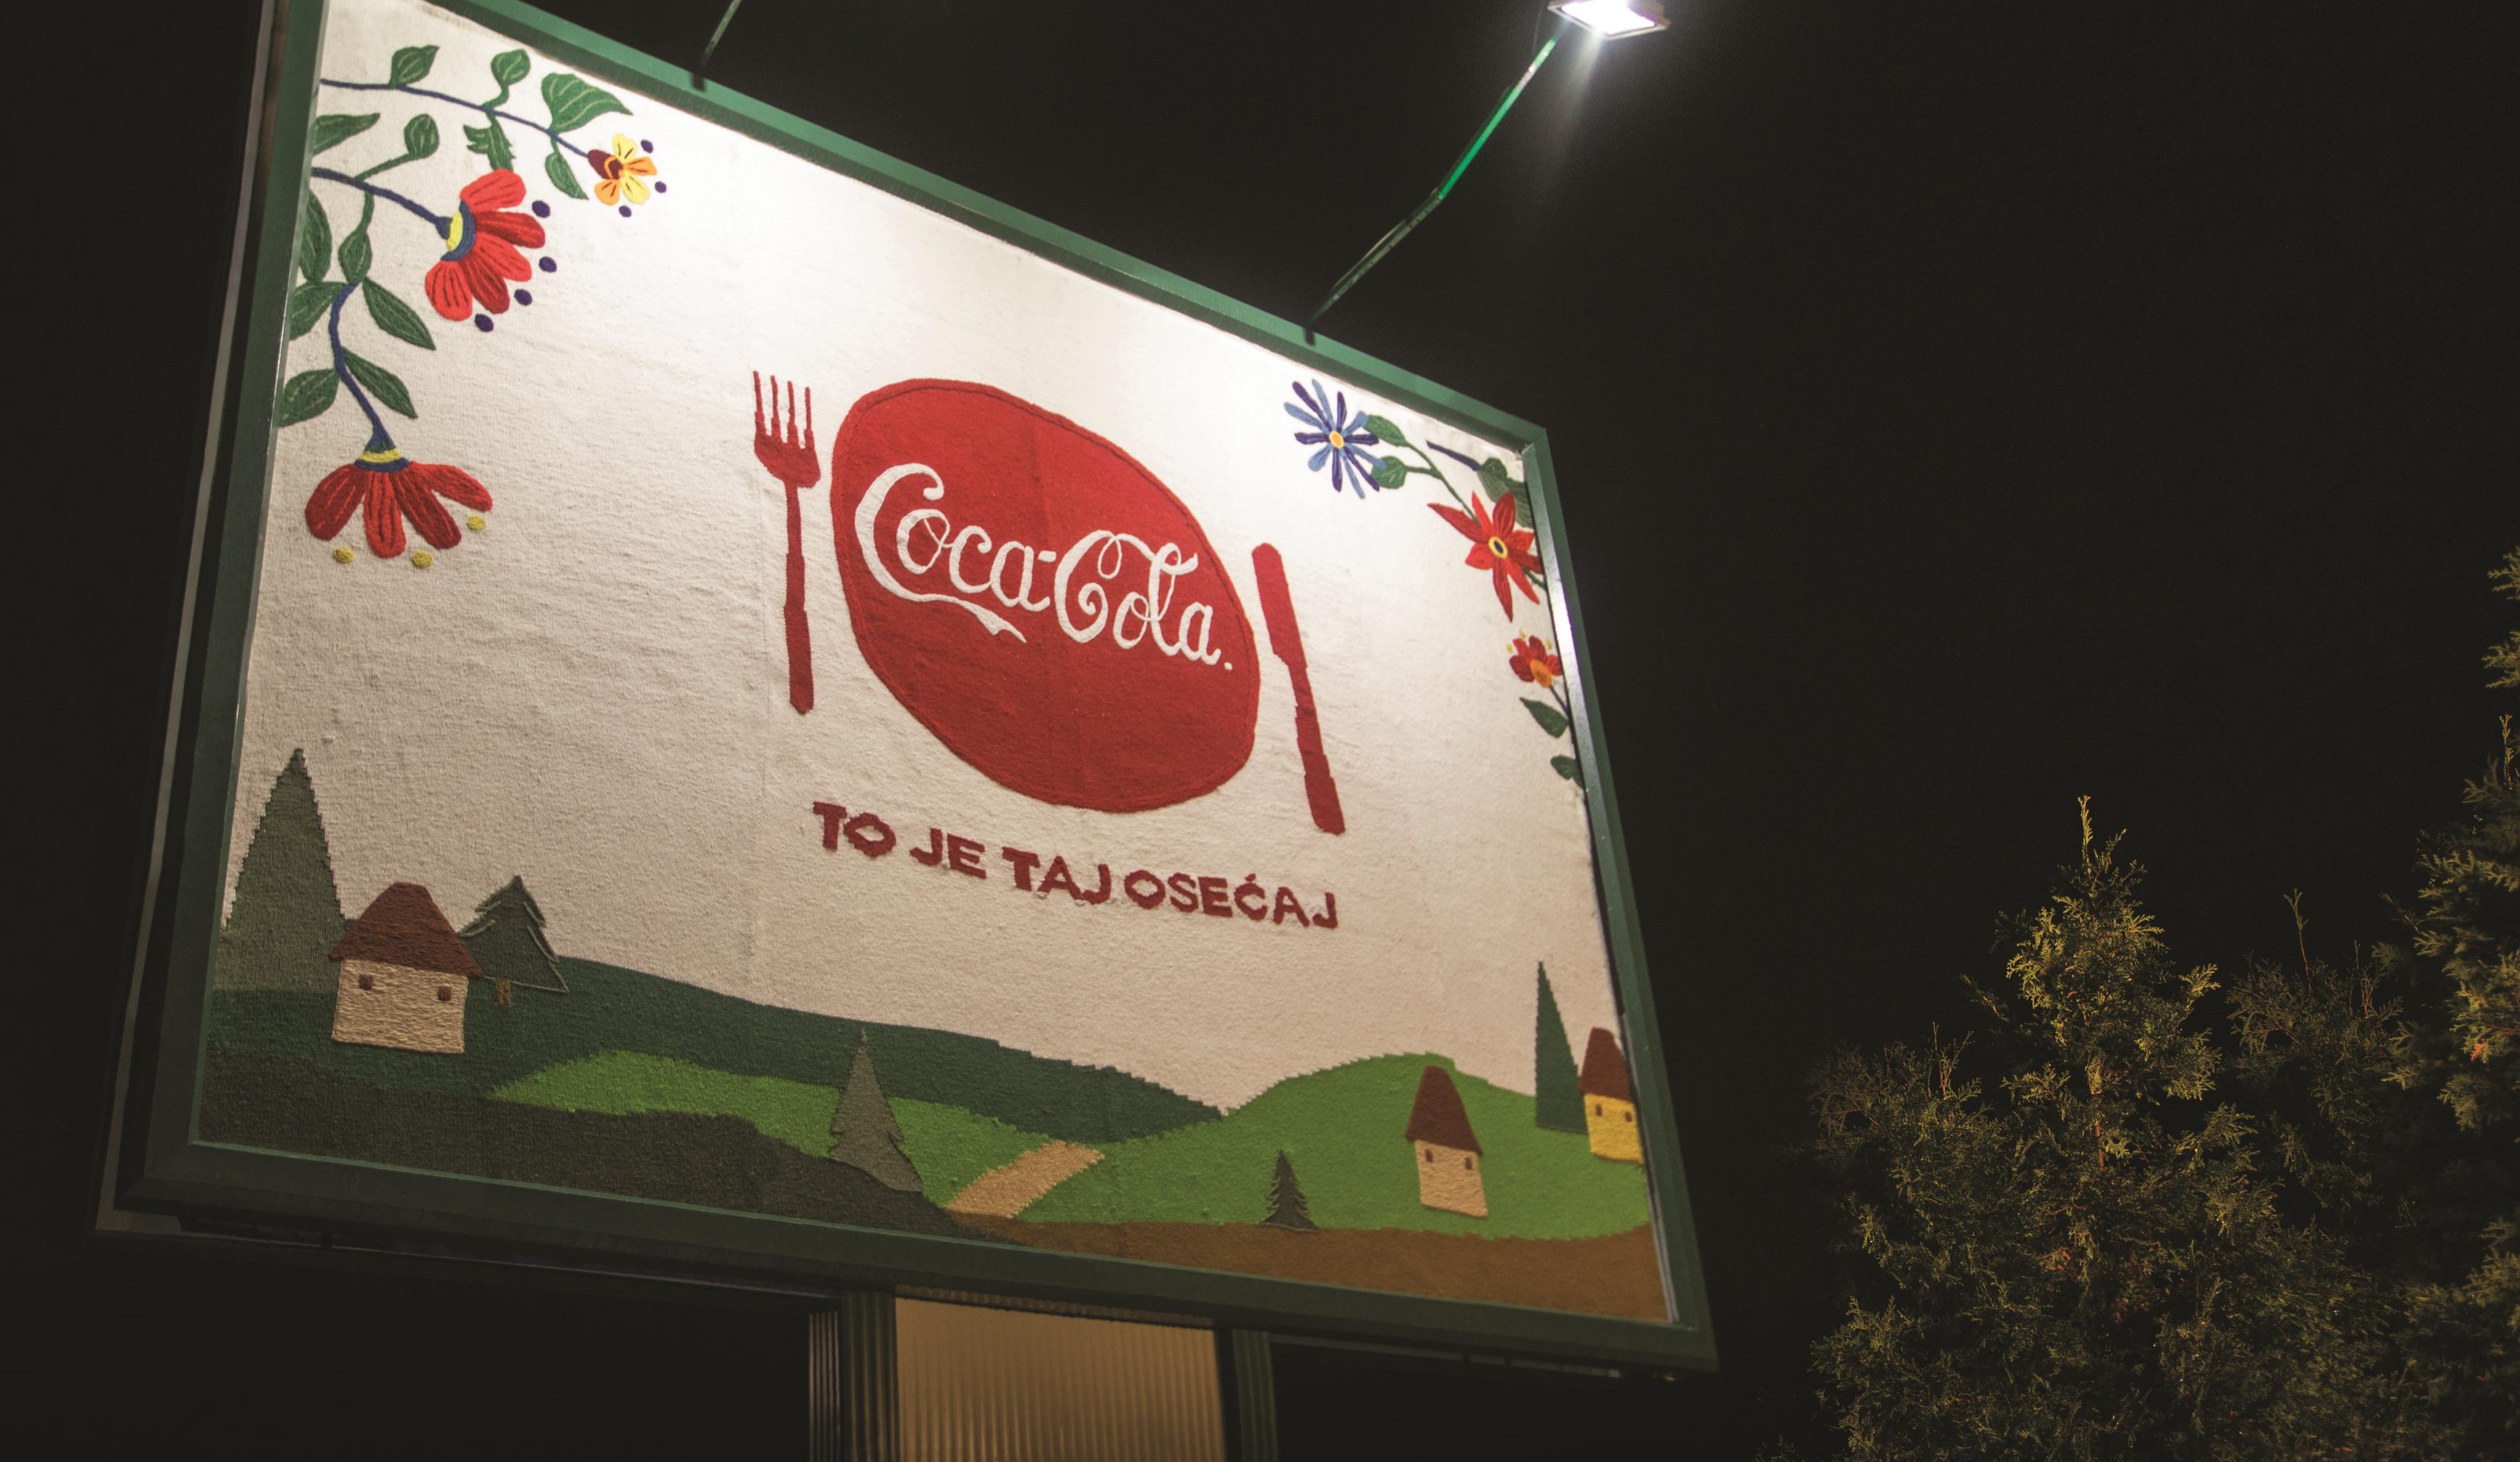 Ръчно изработен билборд на финала на престижен фестивал